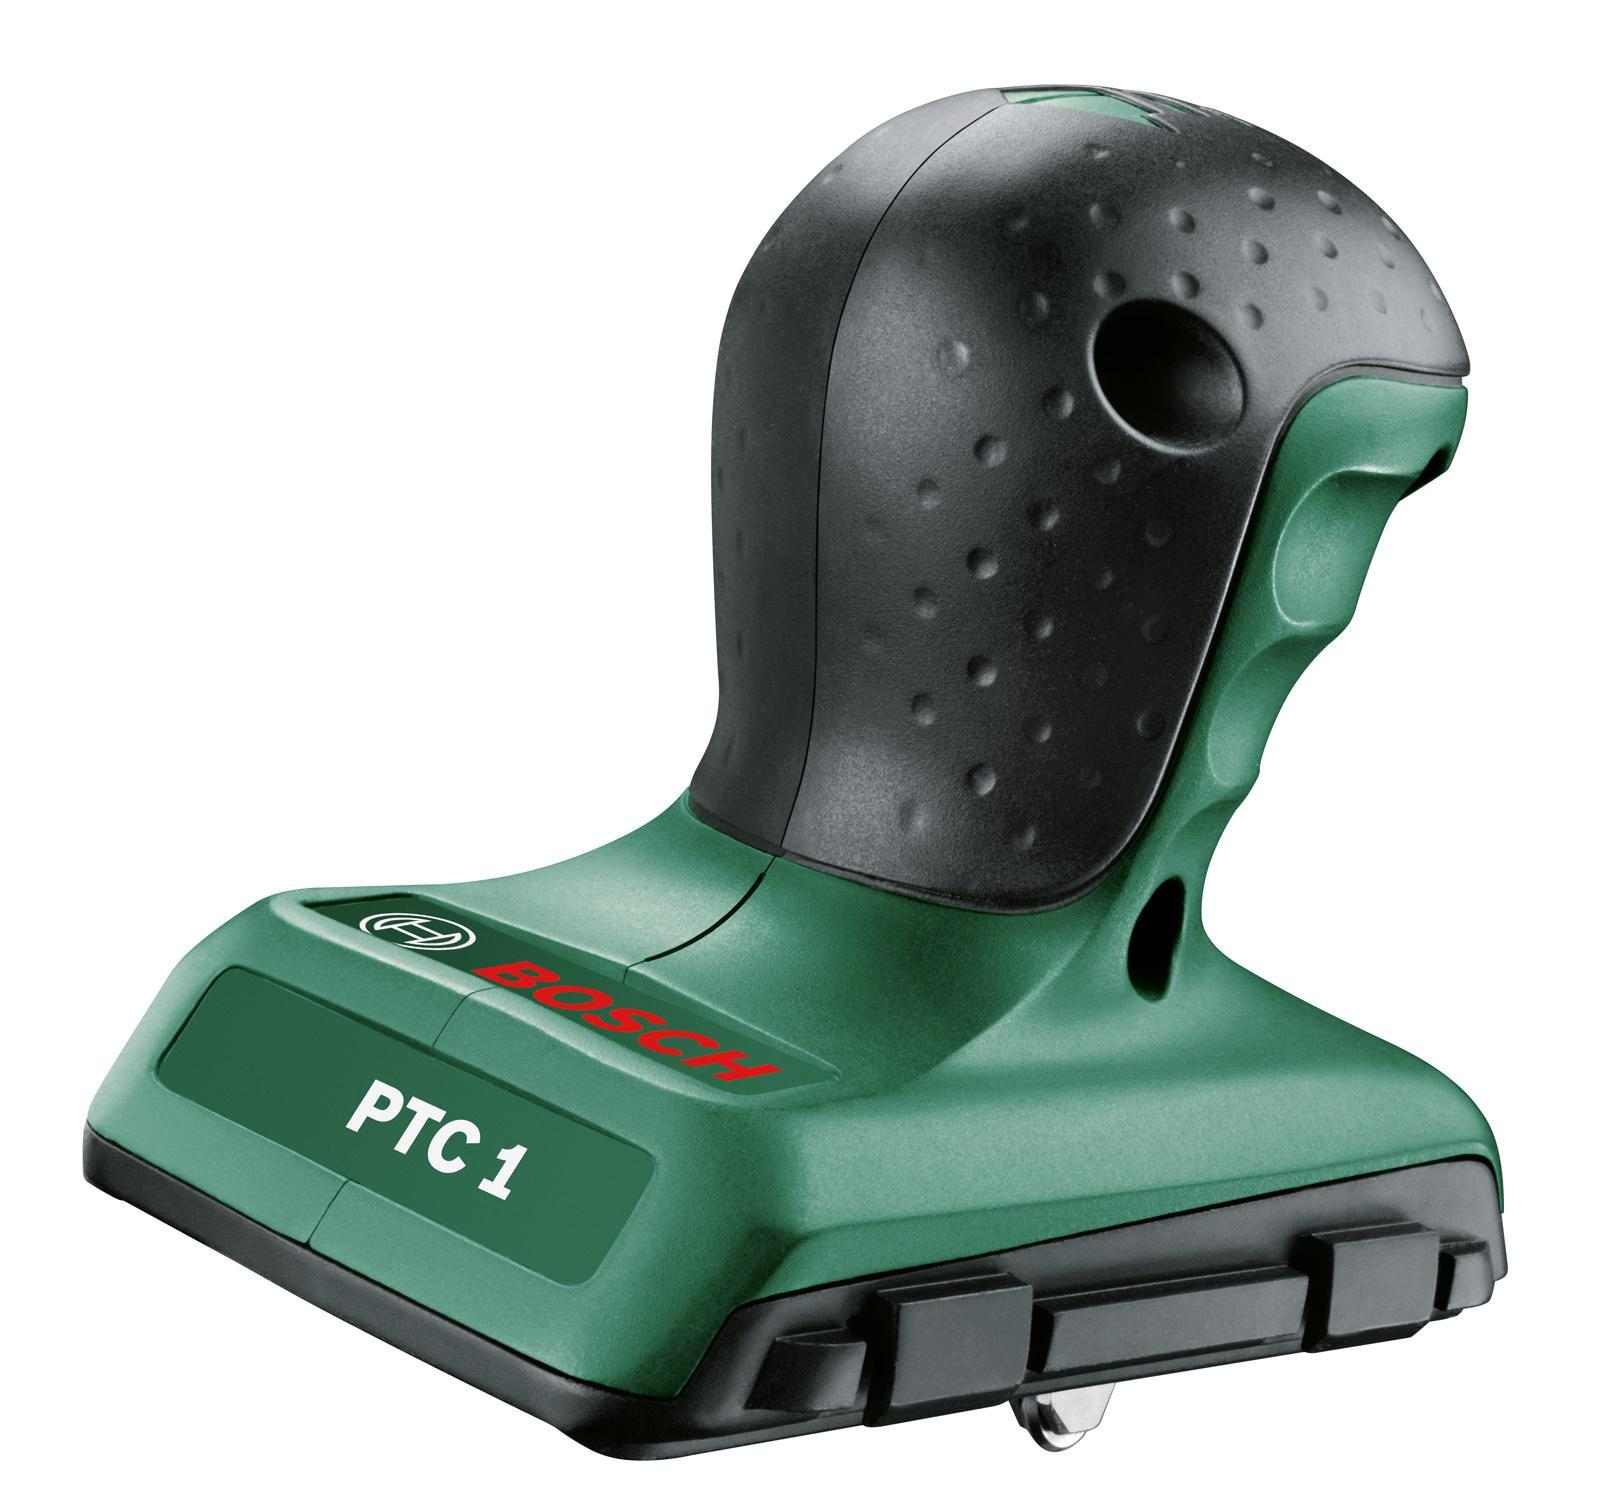 Плиткорез Bosch PTC 1, 300 ммPTC 1С помощью плиткореза Bosch PTC 1 можно без труда выполнять разметку и резку керамической плитки или стекла под углом в диапазоне от -45° до +45°Эргономичность и легкость в использовании.Точное ведение благодаря направляющему каналу.